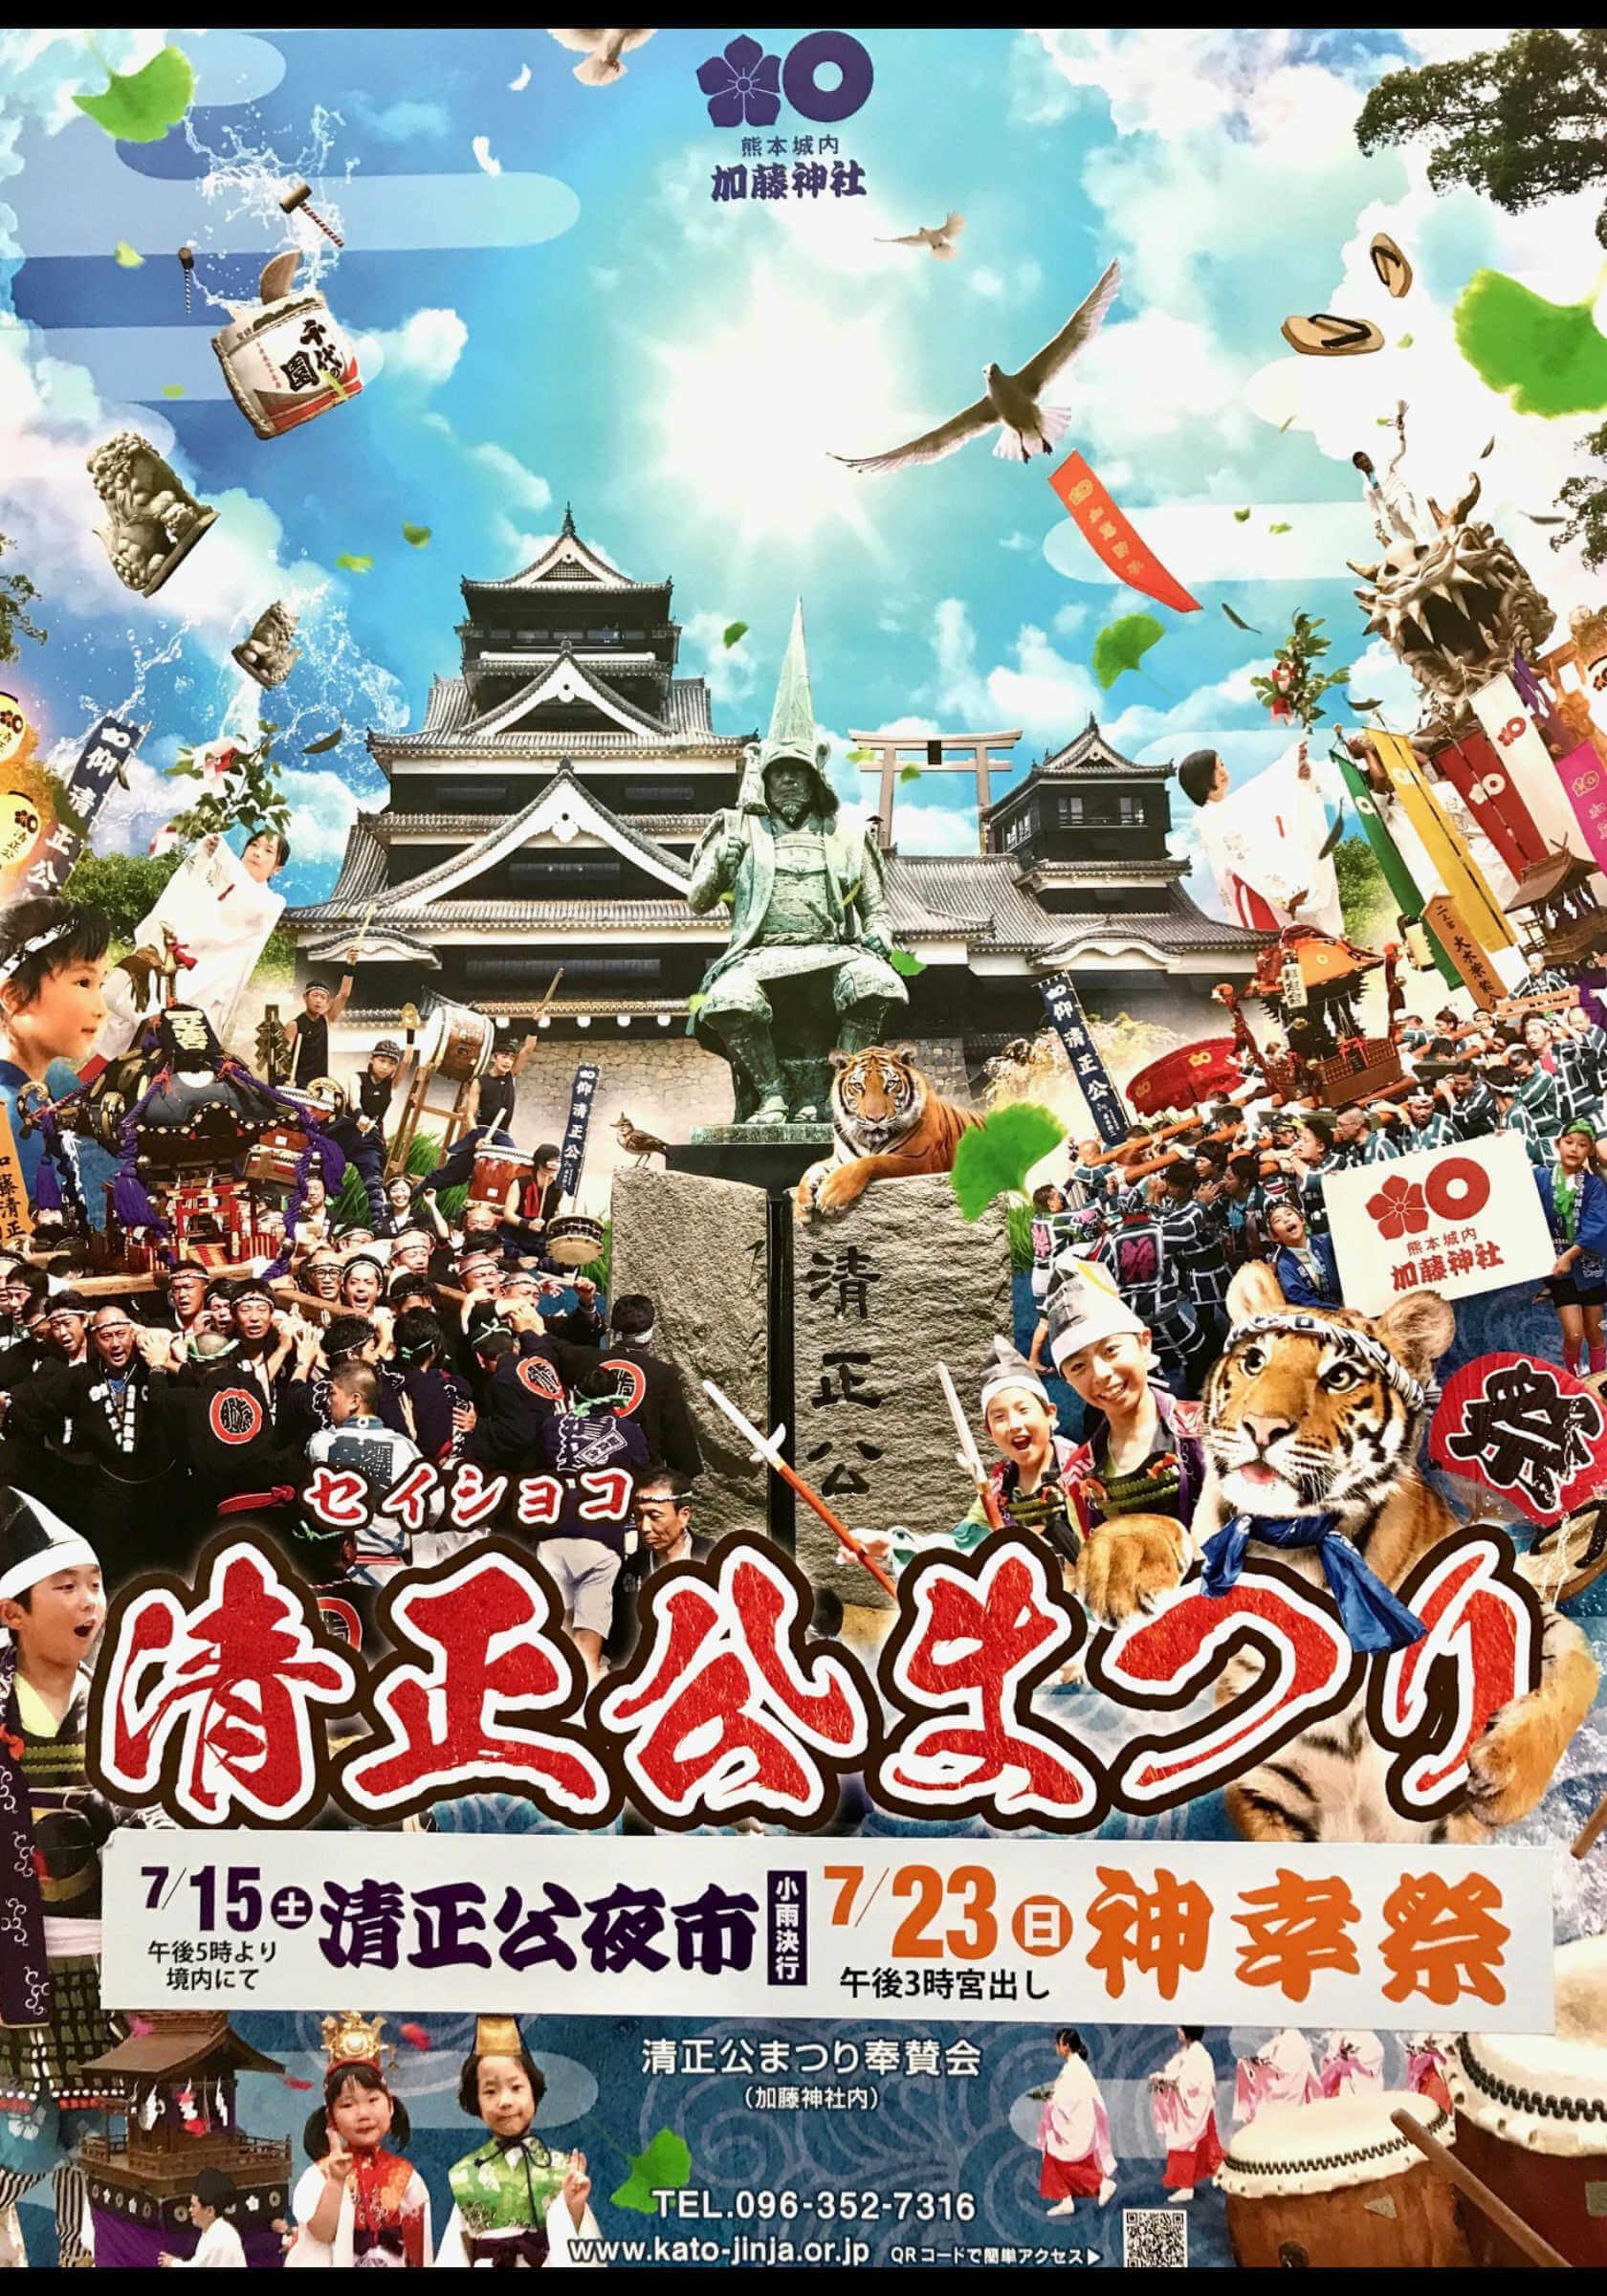 【清正公(せいしょこ)祭り】熊本の偉人の代表格!加藤清正公を祀る加藤神社の夏祭り!